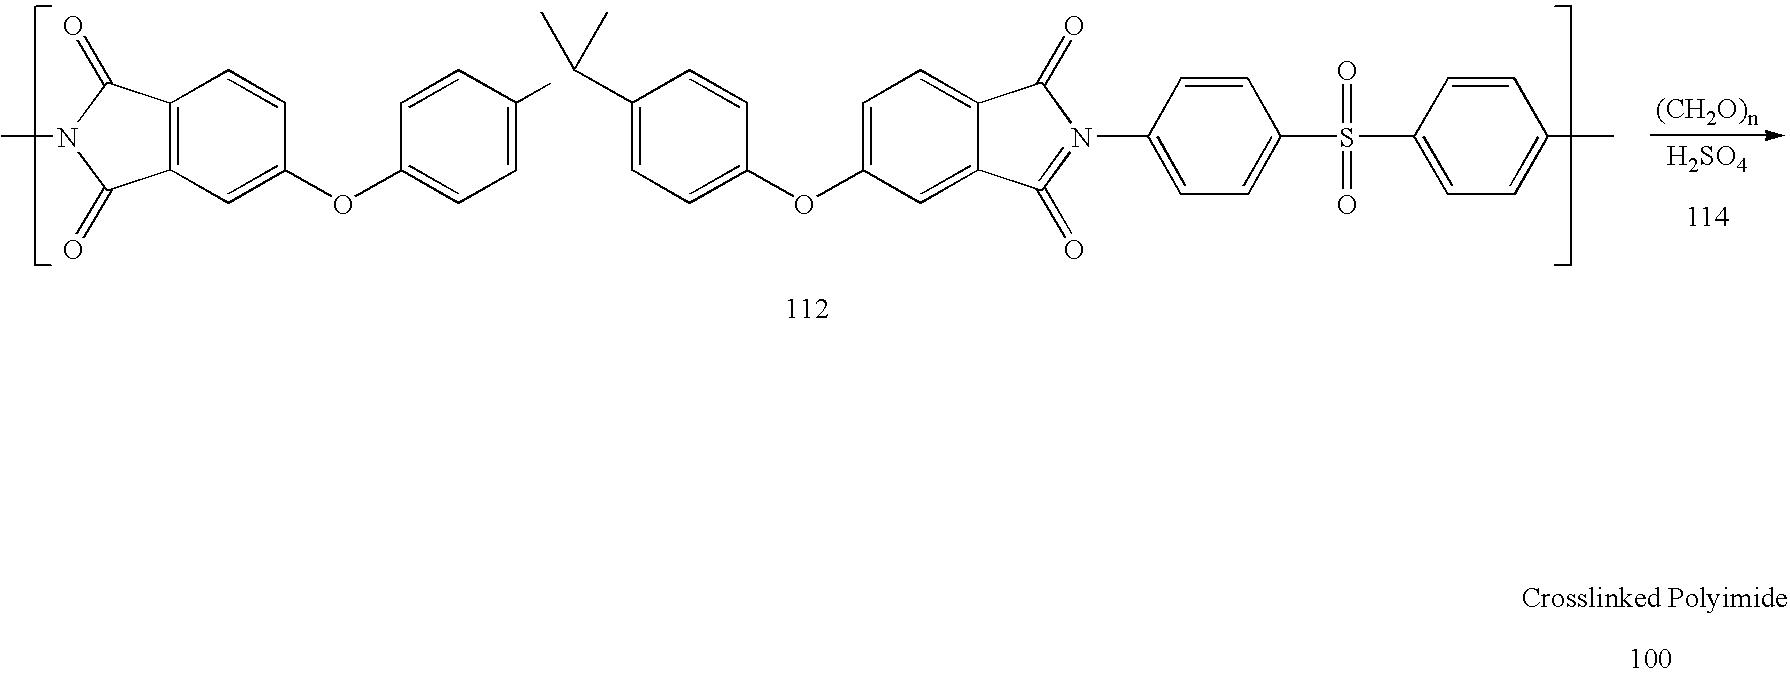 Figure US20060135732A1-20060622-C00004